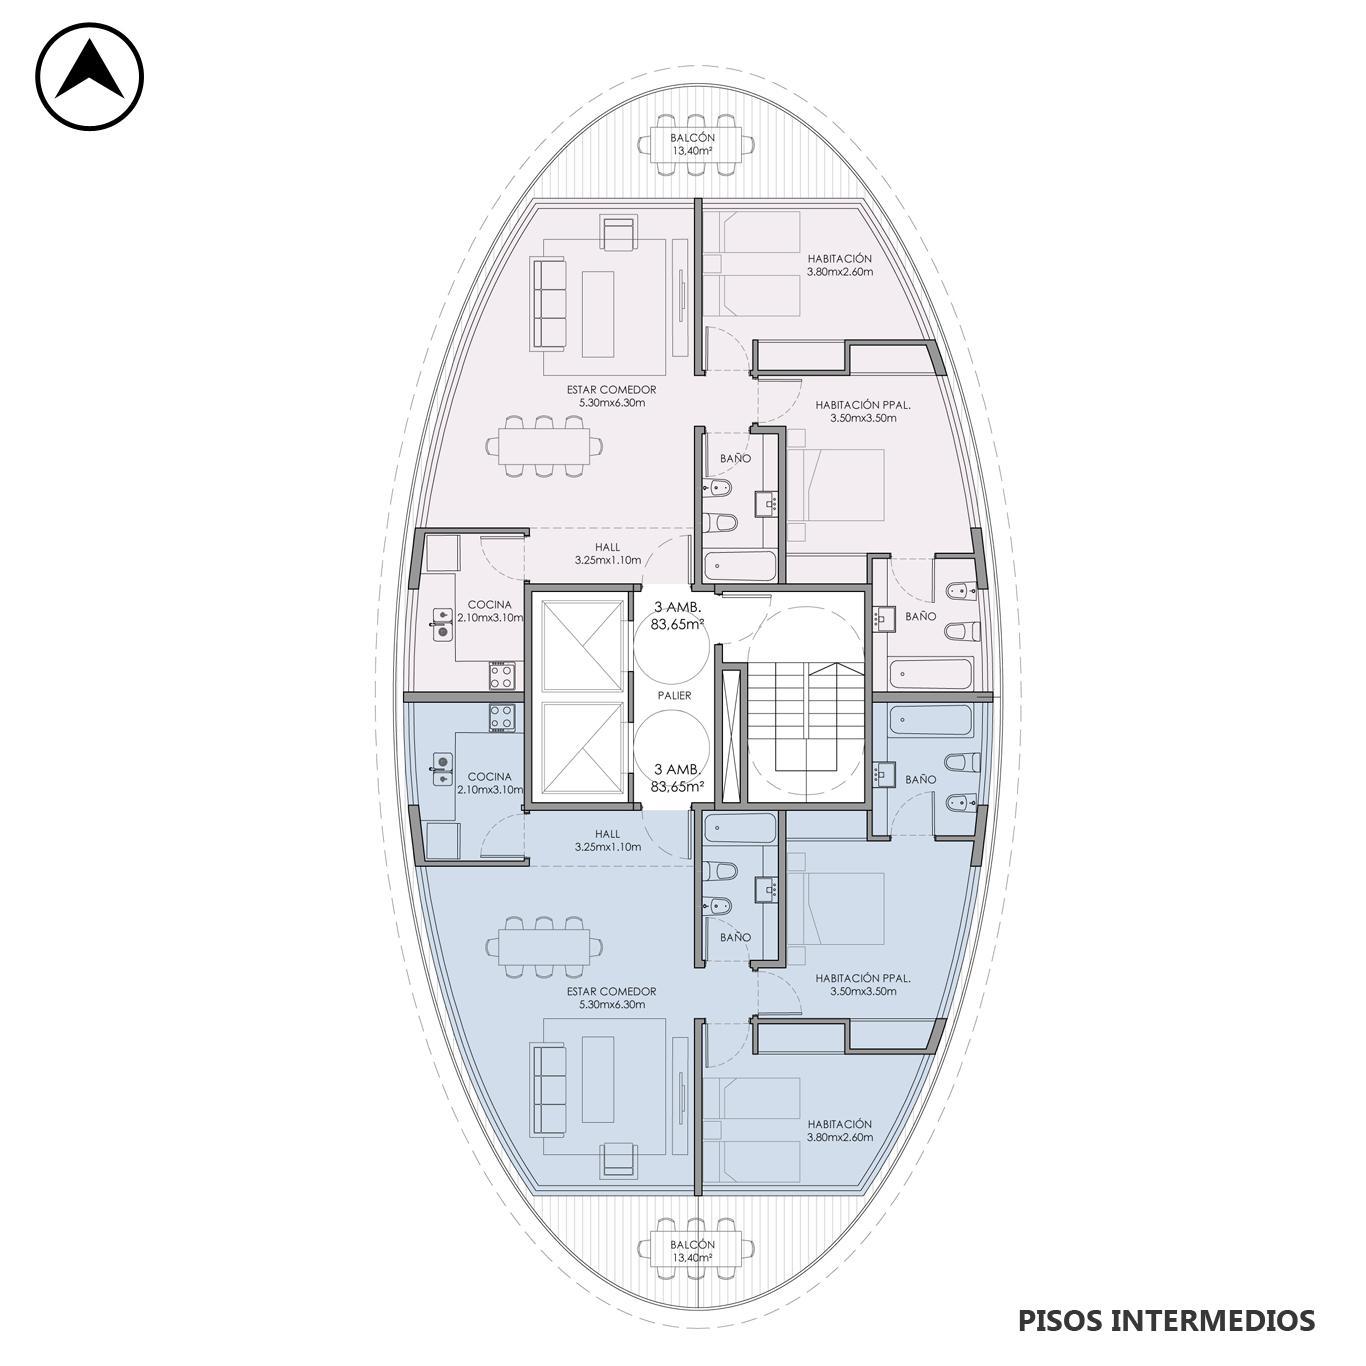 Venta departamento 2 dormitorios Rosario, Centro. Cod CBU23680 AP2227405. Crestale Propiedades